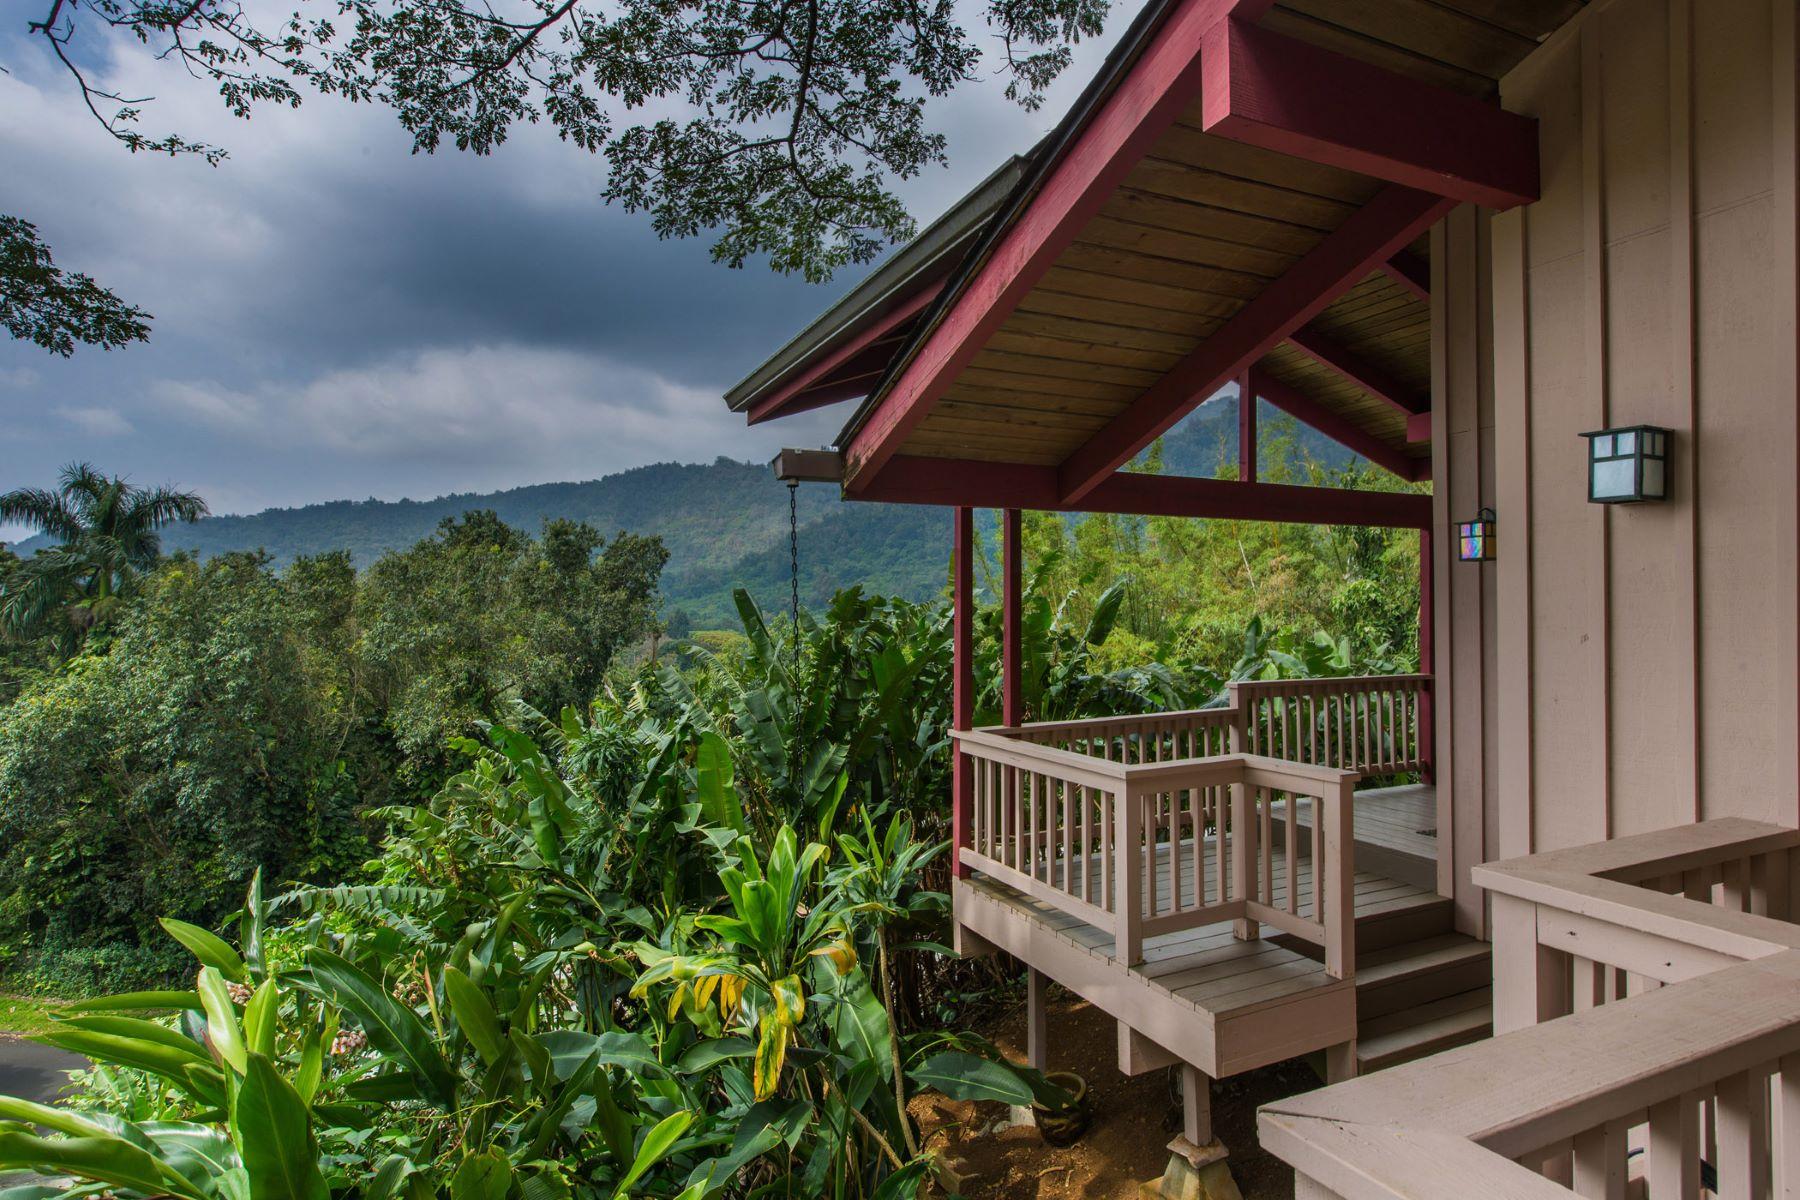 Maison unifamiliale pour l Vente à Peaceful Rainforest Tree House 3155 Kaohinani Drive Dowsett, Honolulu, Hawaii, 96817 États-Unis